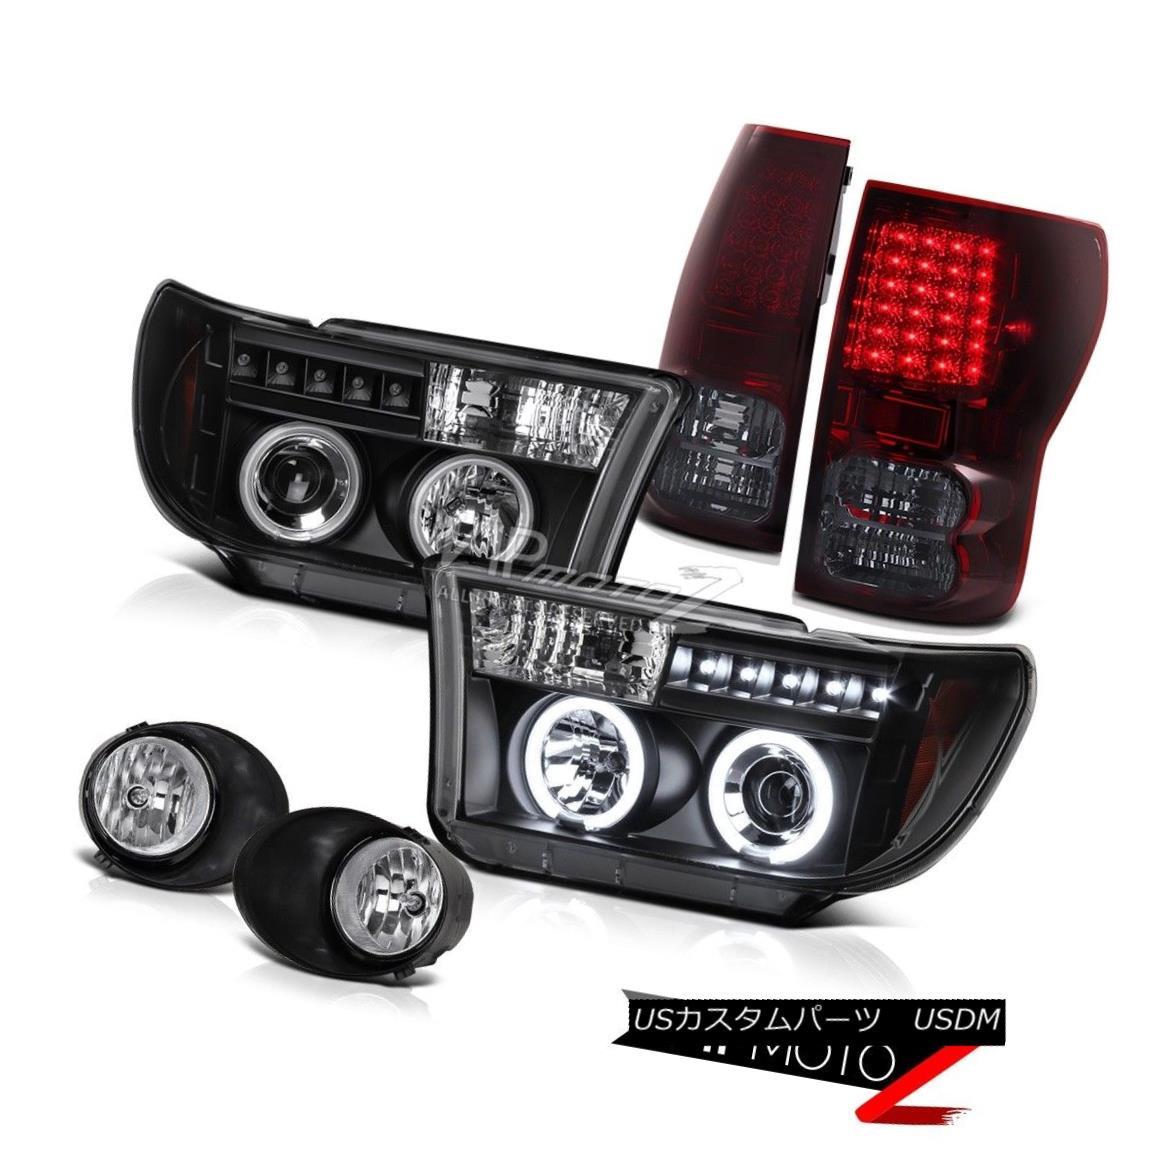 ヘッドライト BlACK CCFL Halo Projector Headlight+Led TailLight+Fog Lamp Toyota 2007-13 Tundra BlACK CCFL Haloプロジェクターヘッドライト+ Led TailLight + Fog Lamp Toyota 2007-13 Tundra